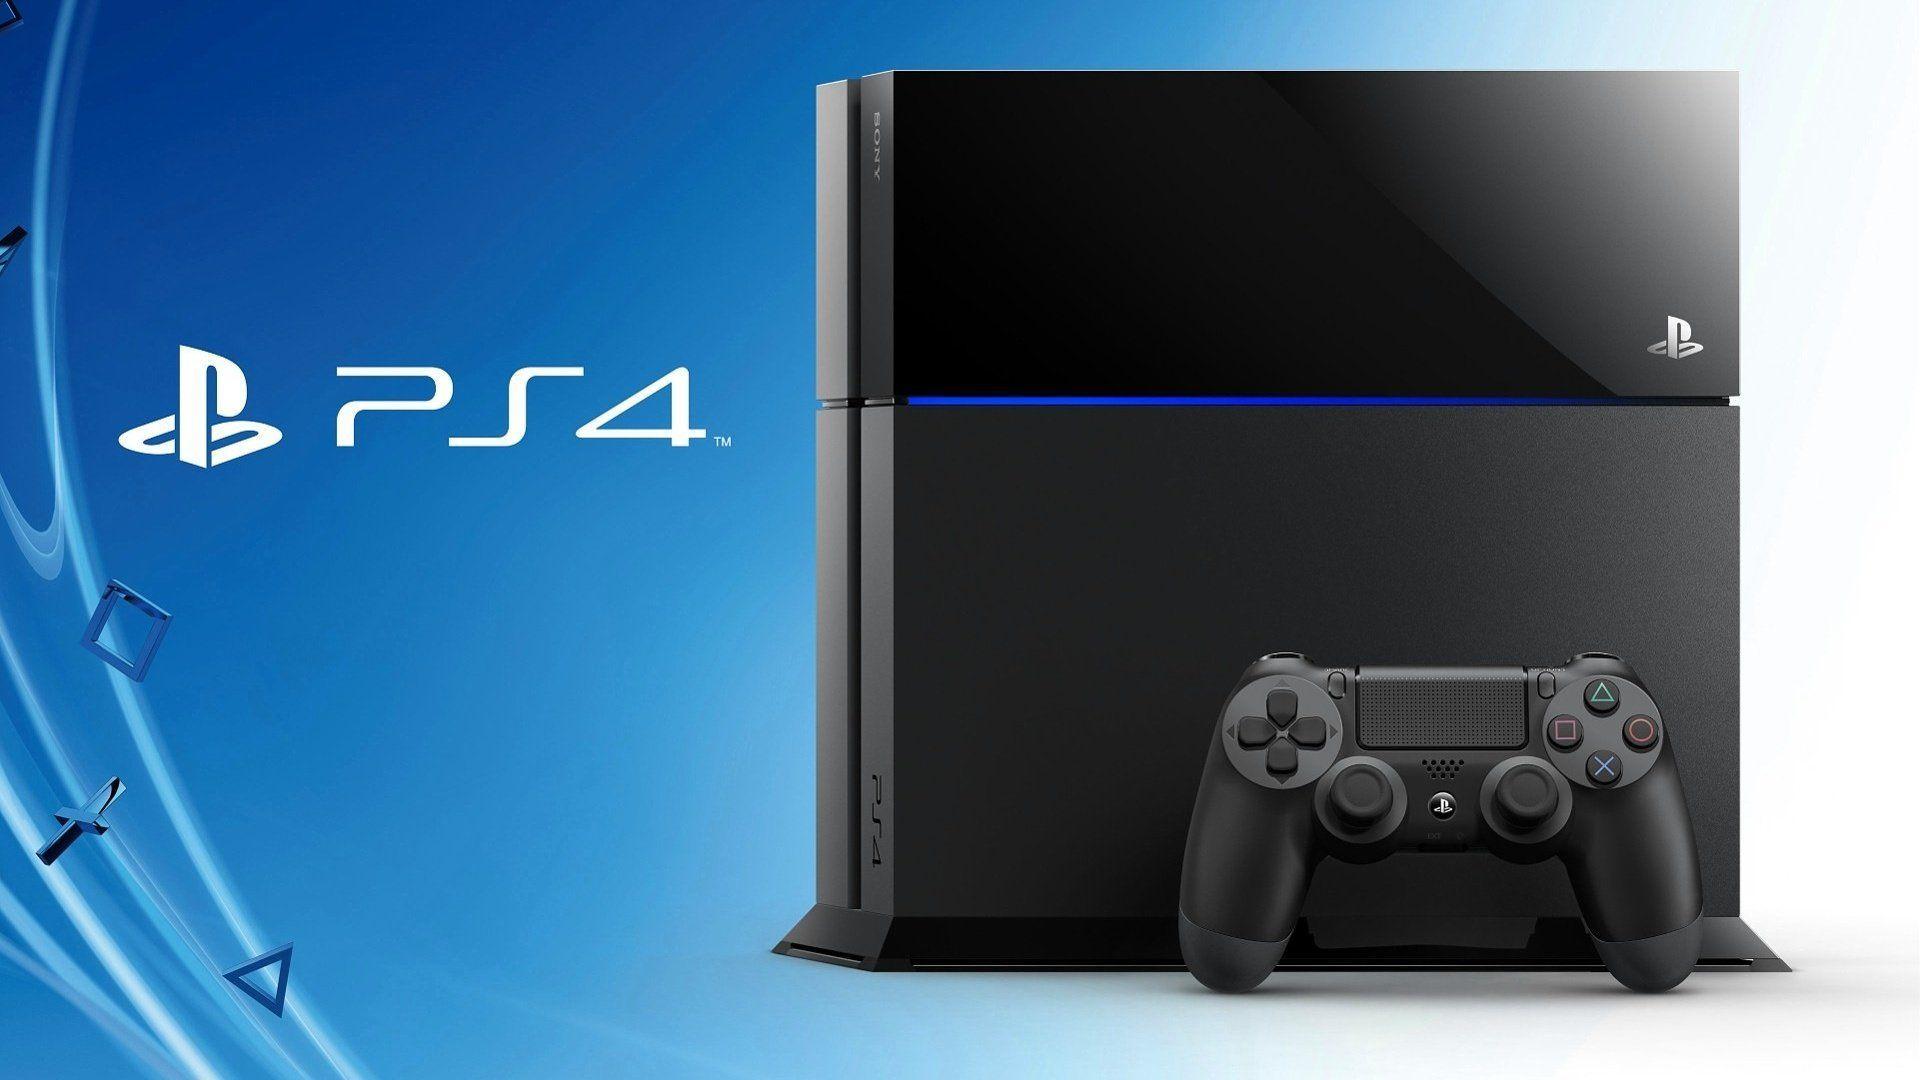 In questa guida scopriremo come espandere lo spazio disponibile su PS4 procedendo alla sostituzione dell'hard disk!